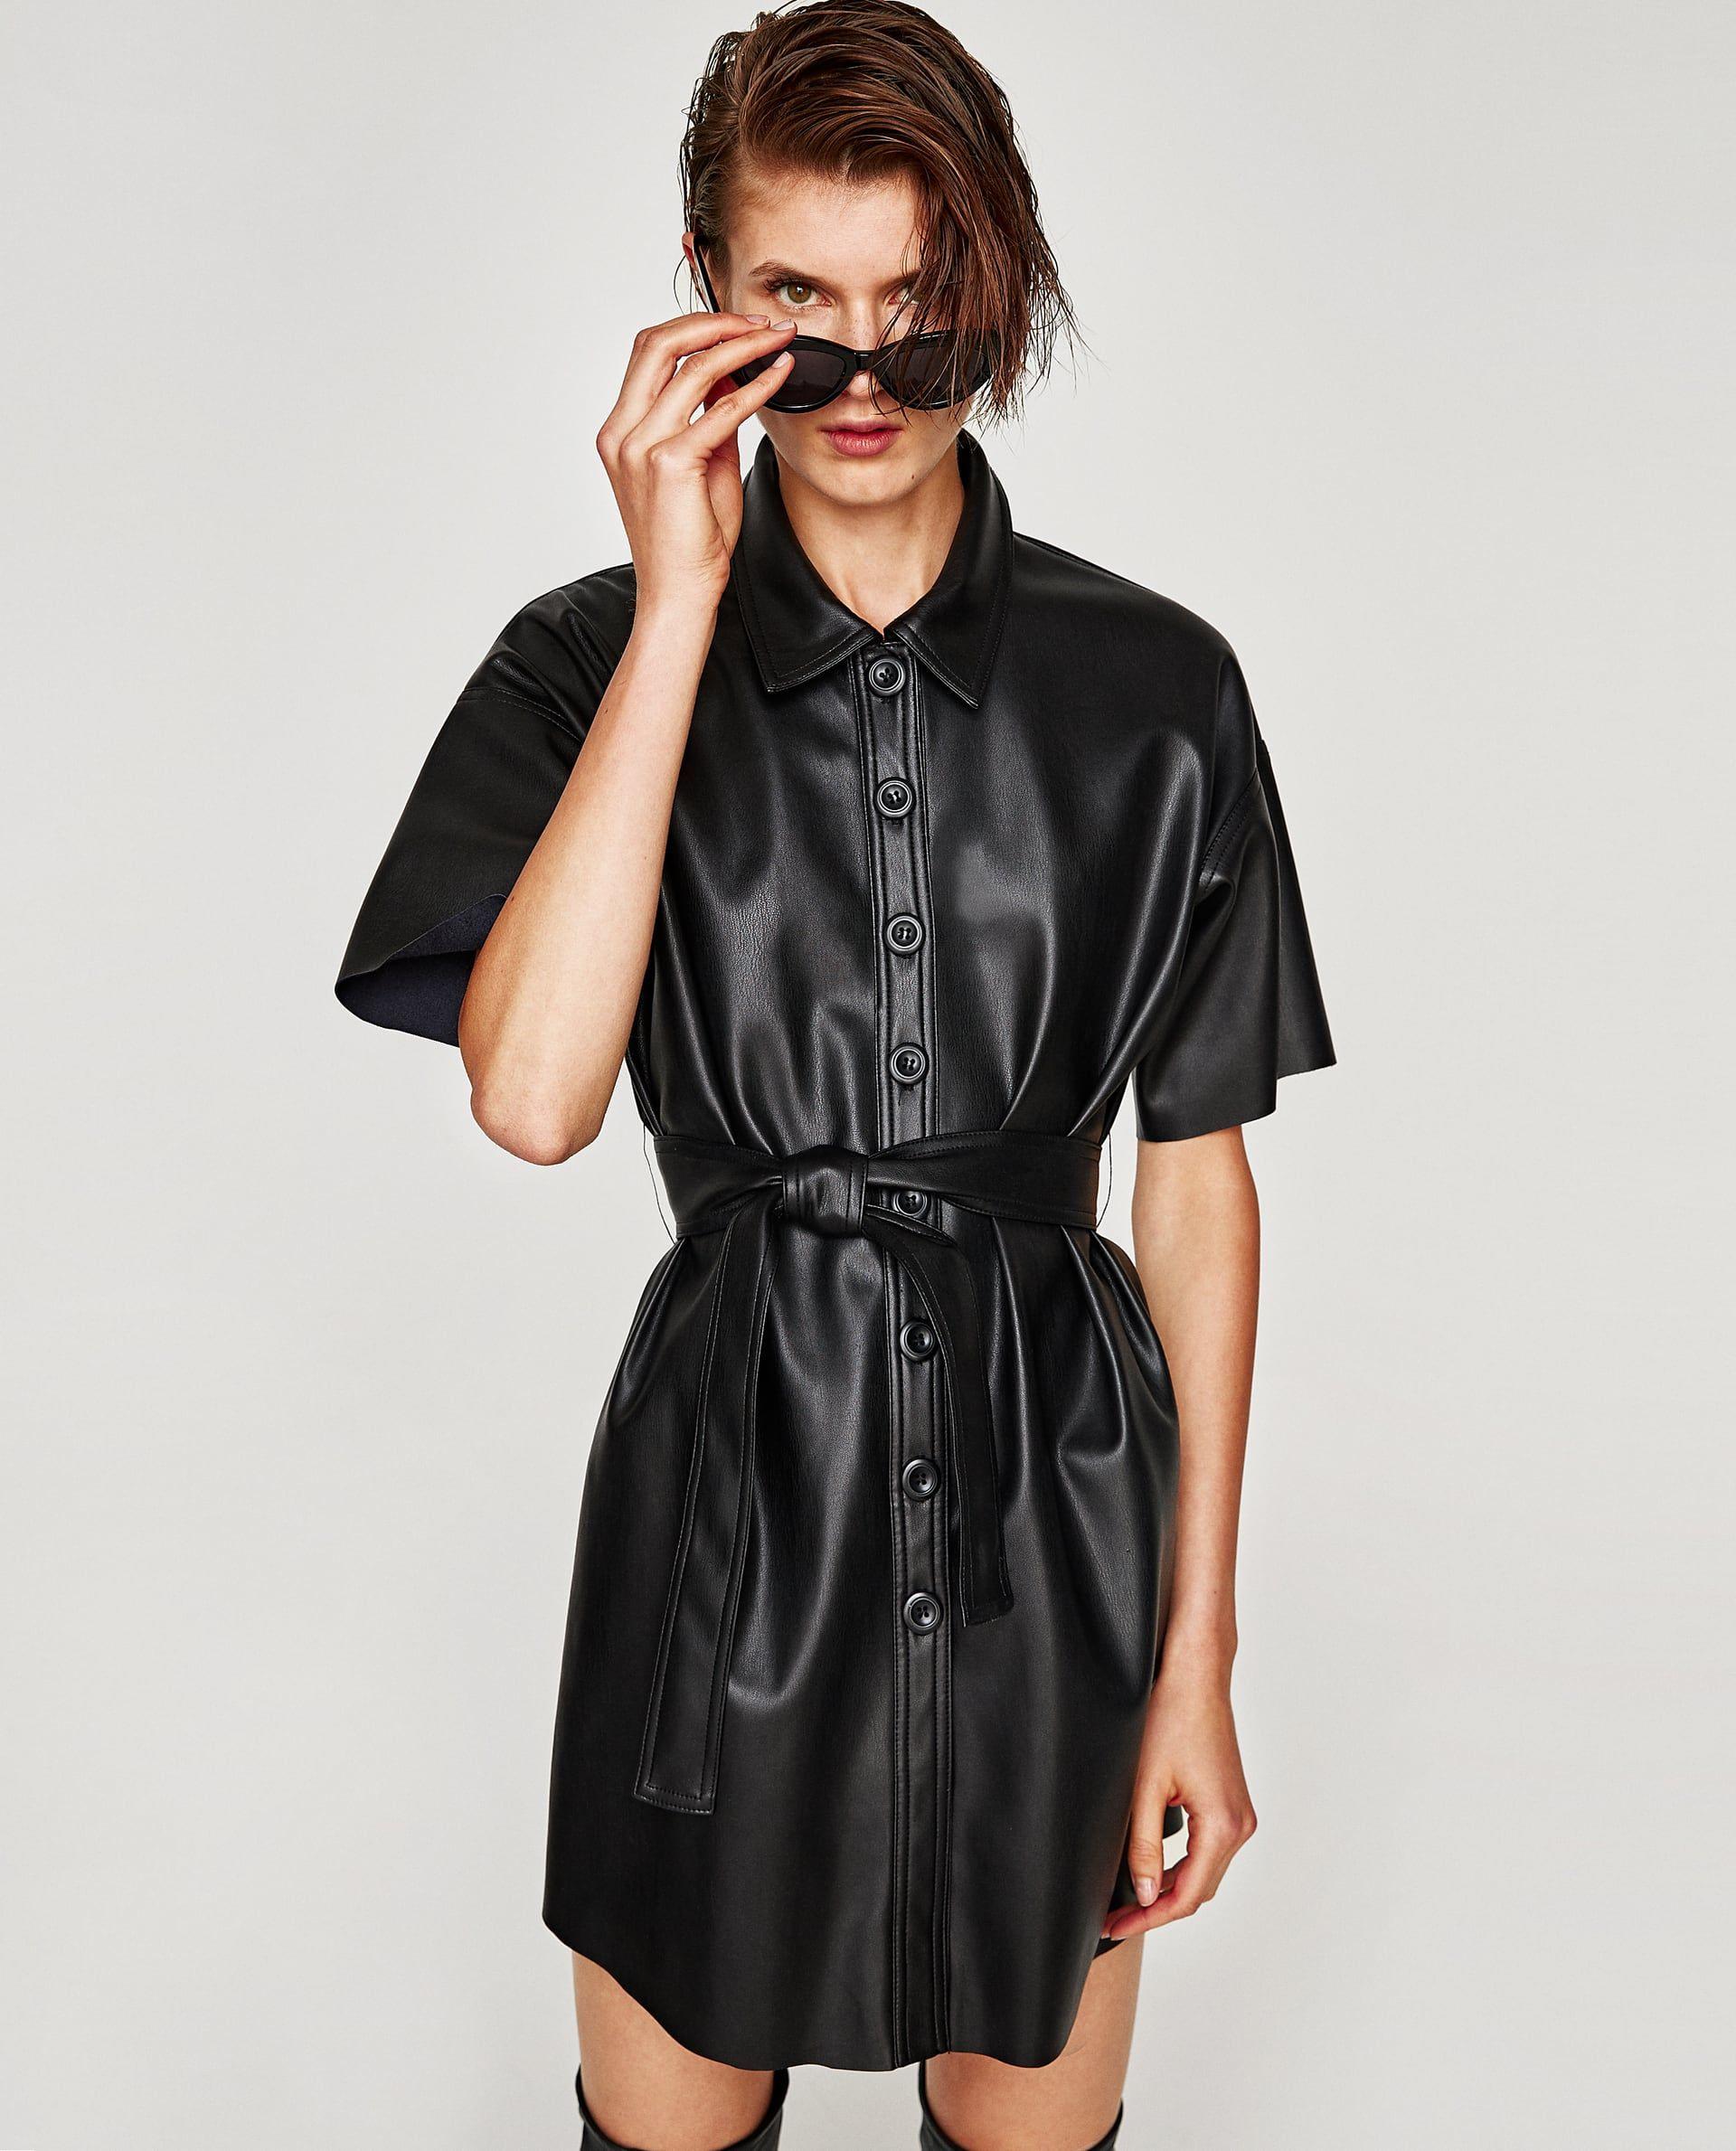 Σεμιζιε Φορεμα Με Υφη Δερματοσ  Kleider Leder